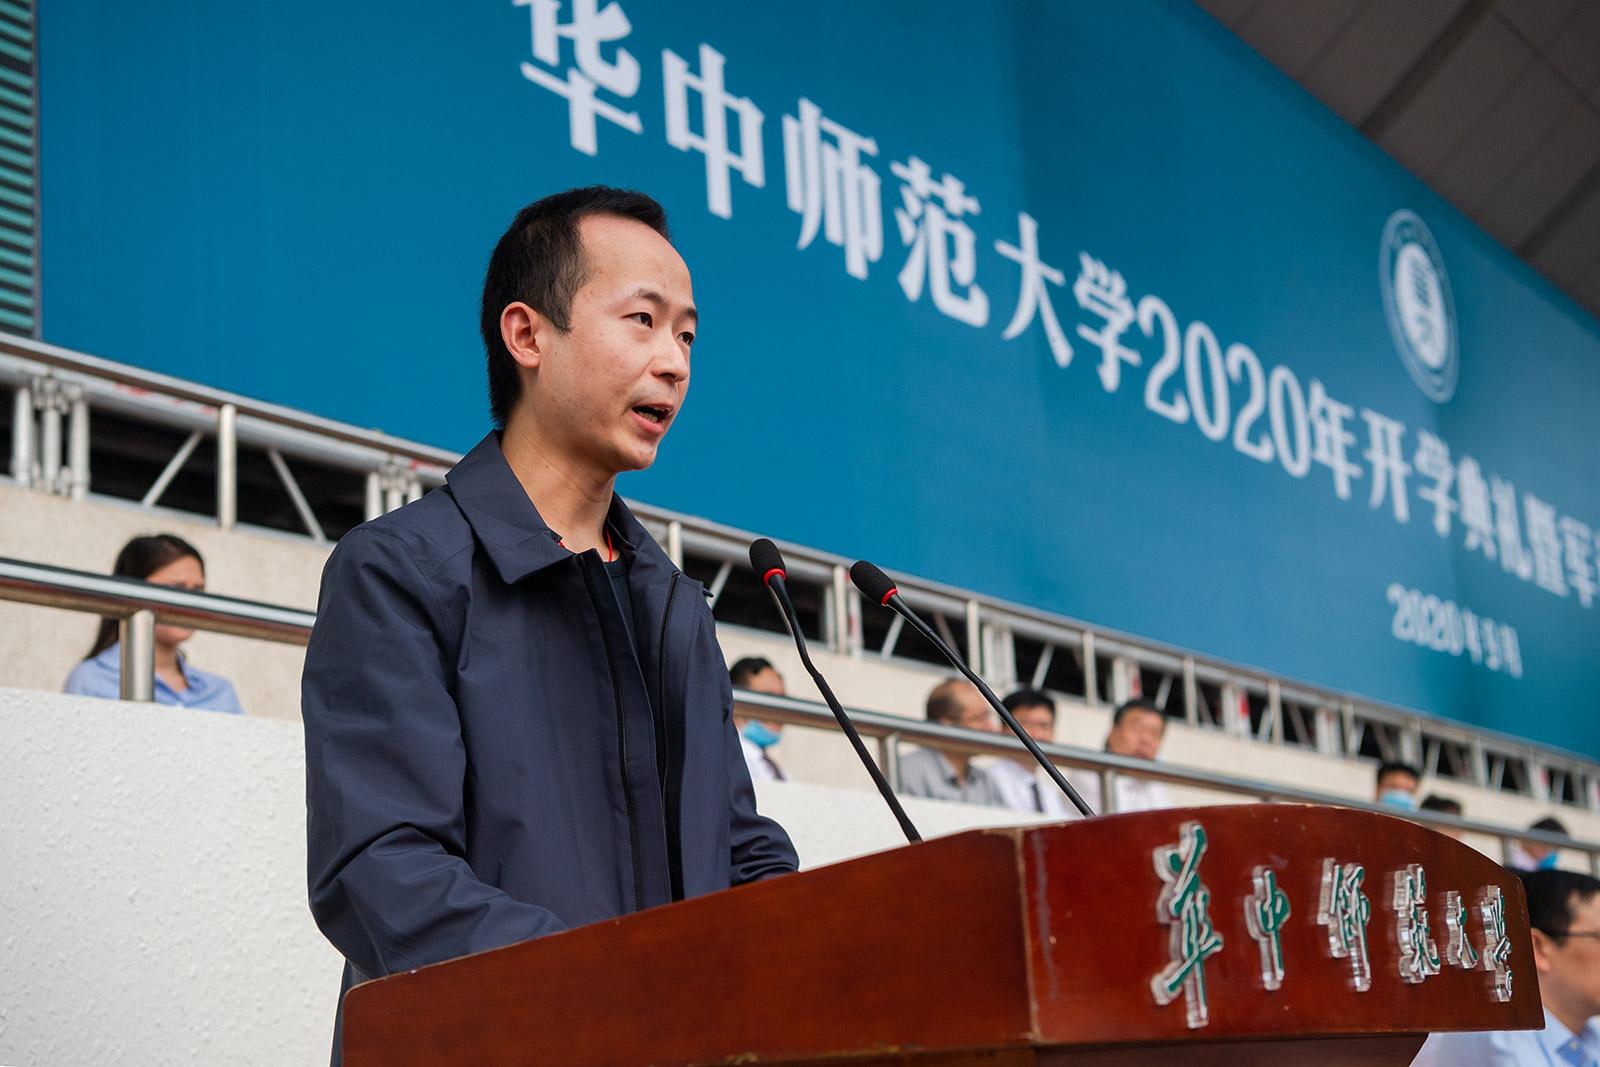 筑夢啟航 華中師范大學2020級全體新生開啟人生新篇章